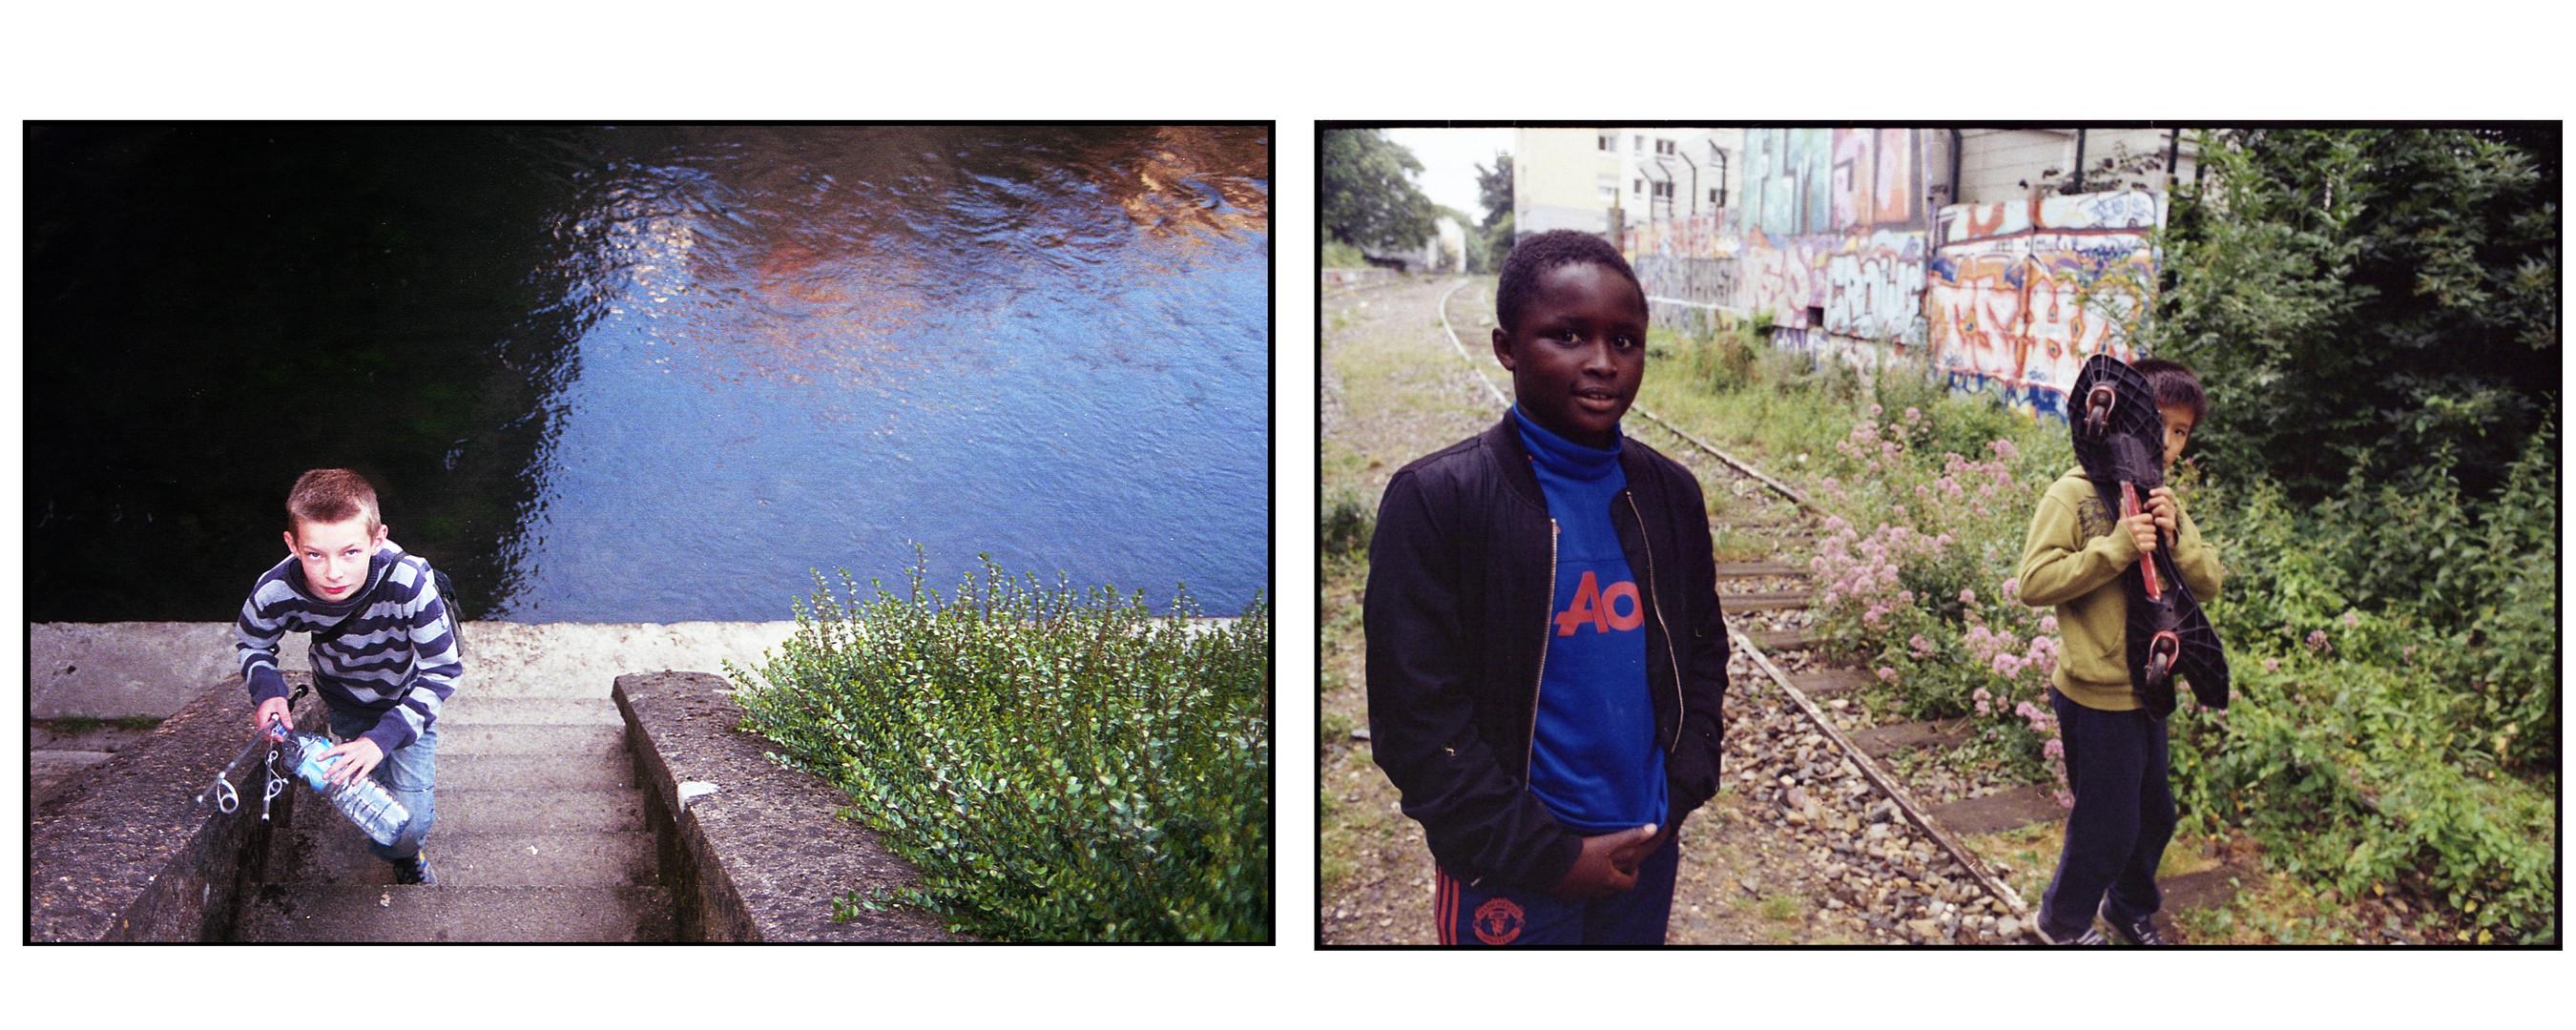 Duo_kids.jpg